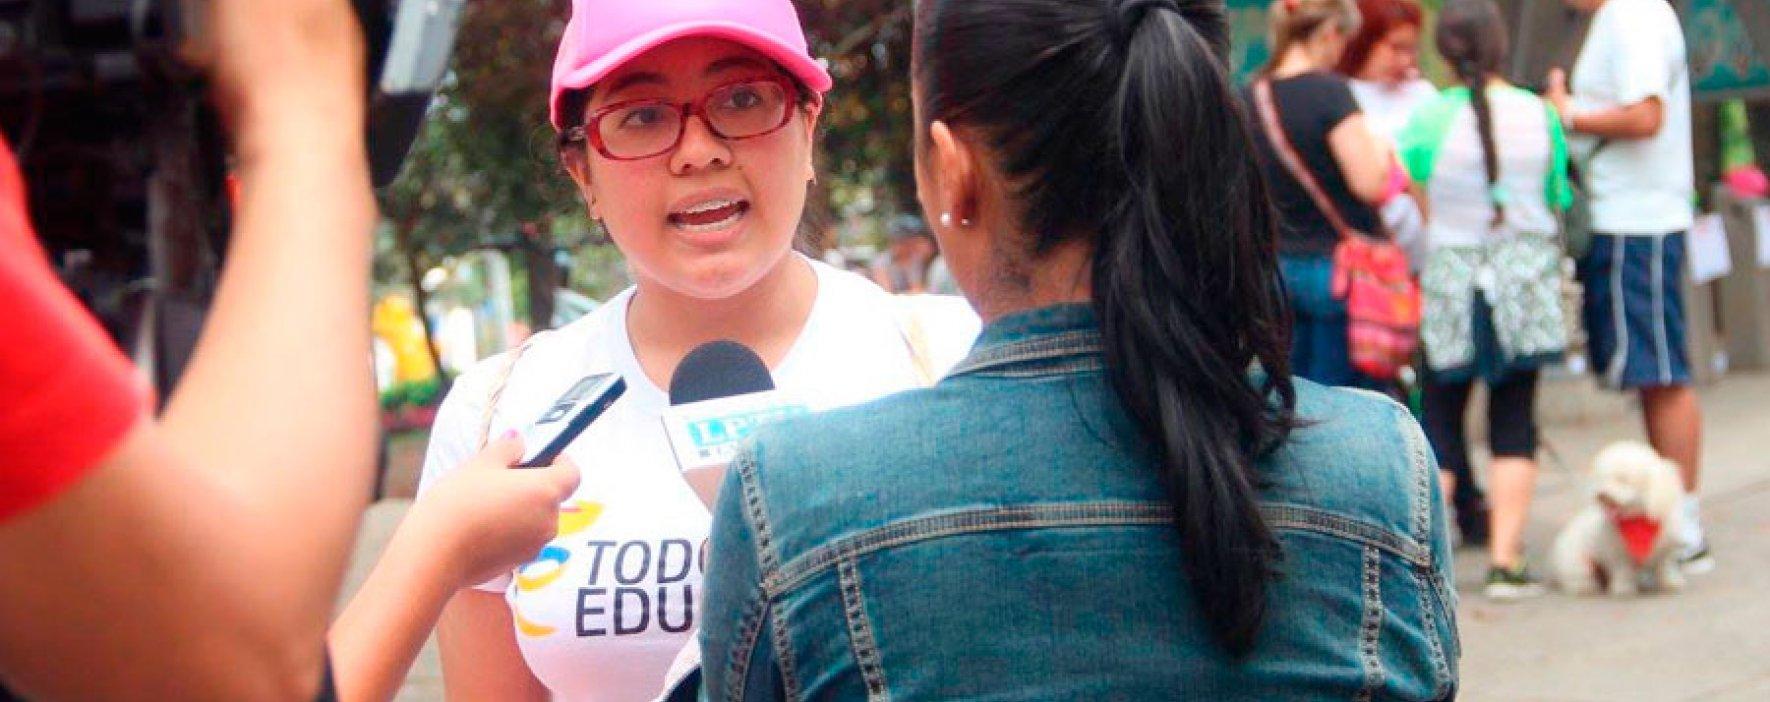 Todos por la Educación se tomó la ciclovía de Manizales